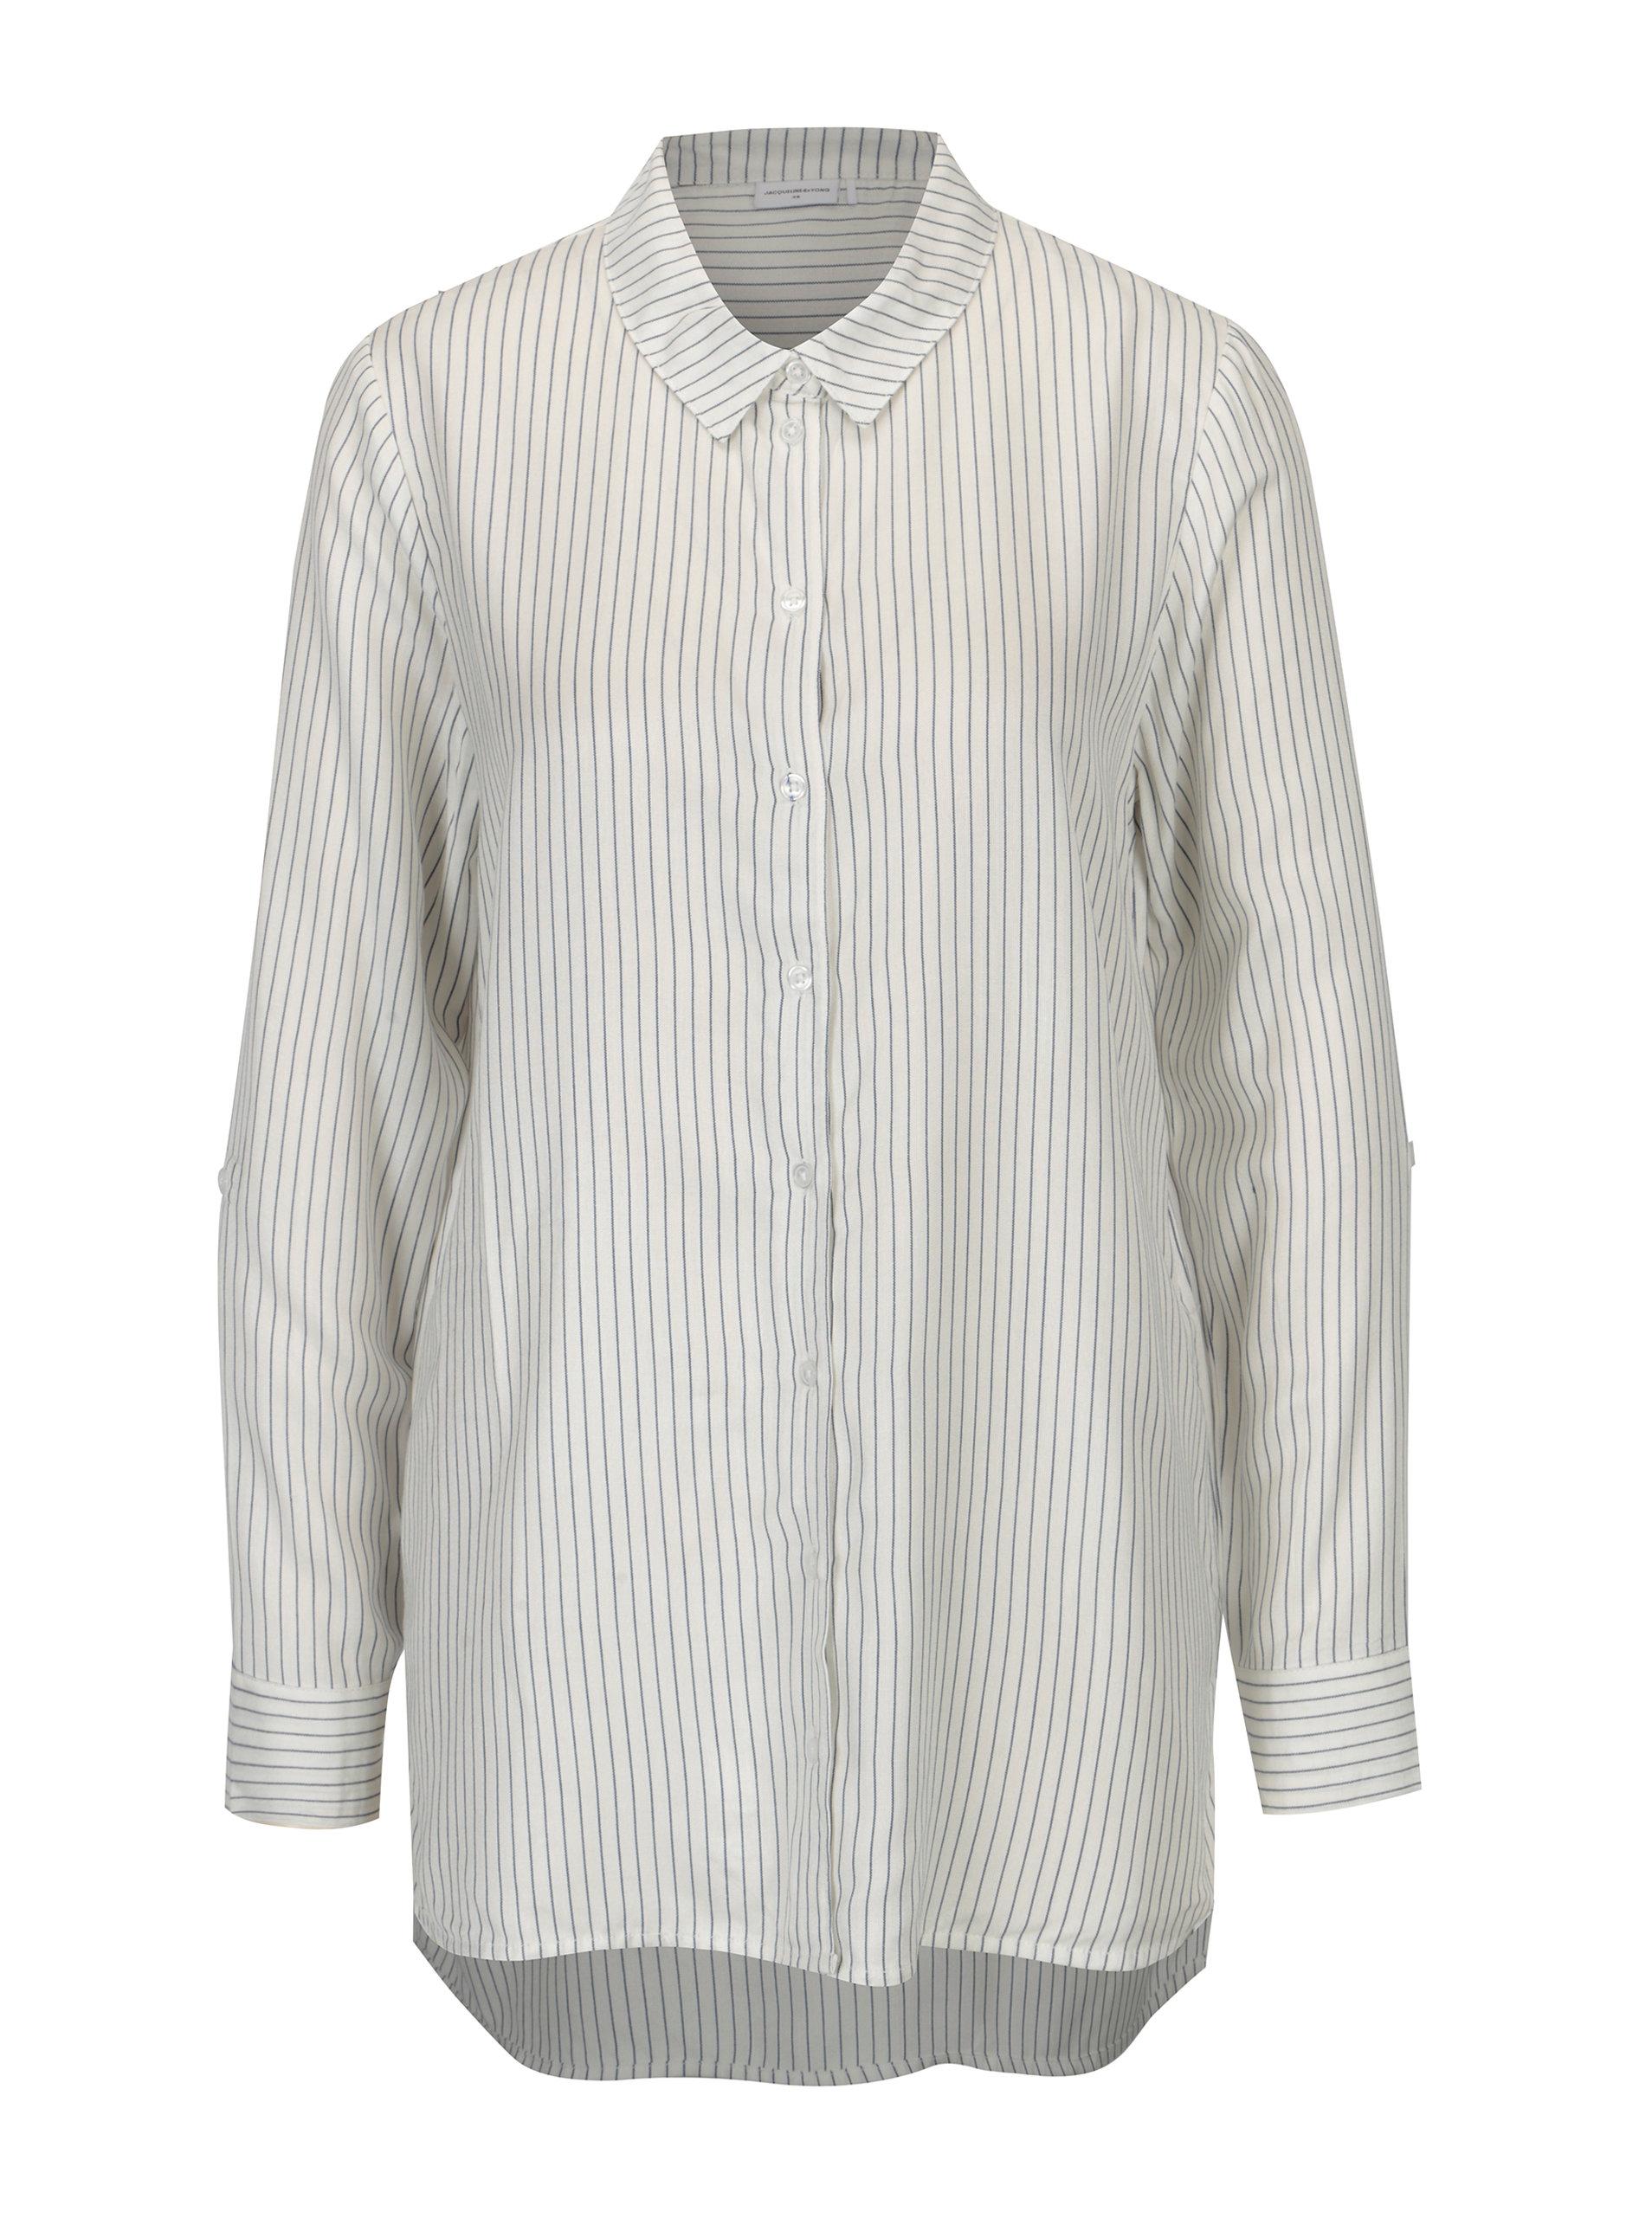 0d67fba4318 Krémová pruhovaná dlouhá košile Jacqueline de Yong Togo ...